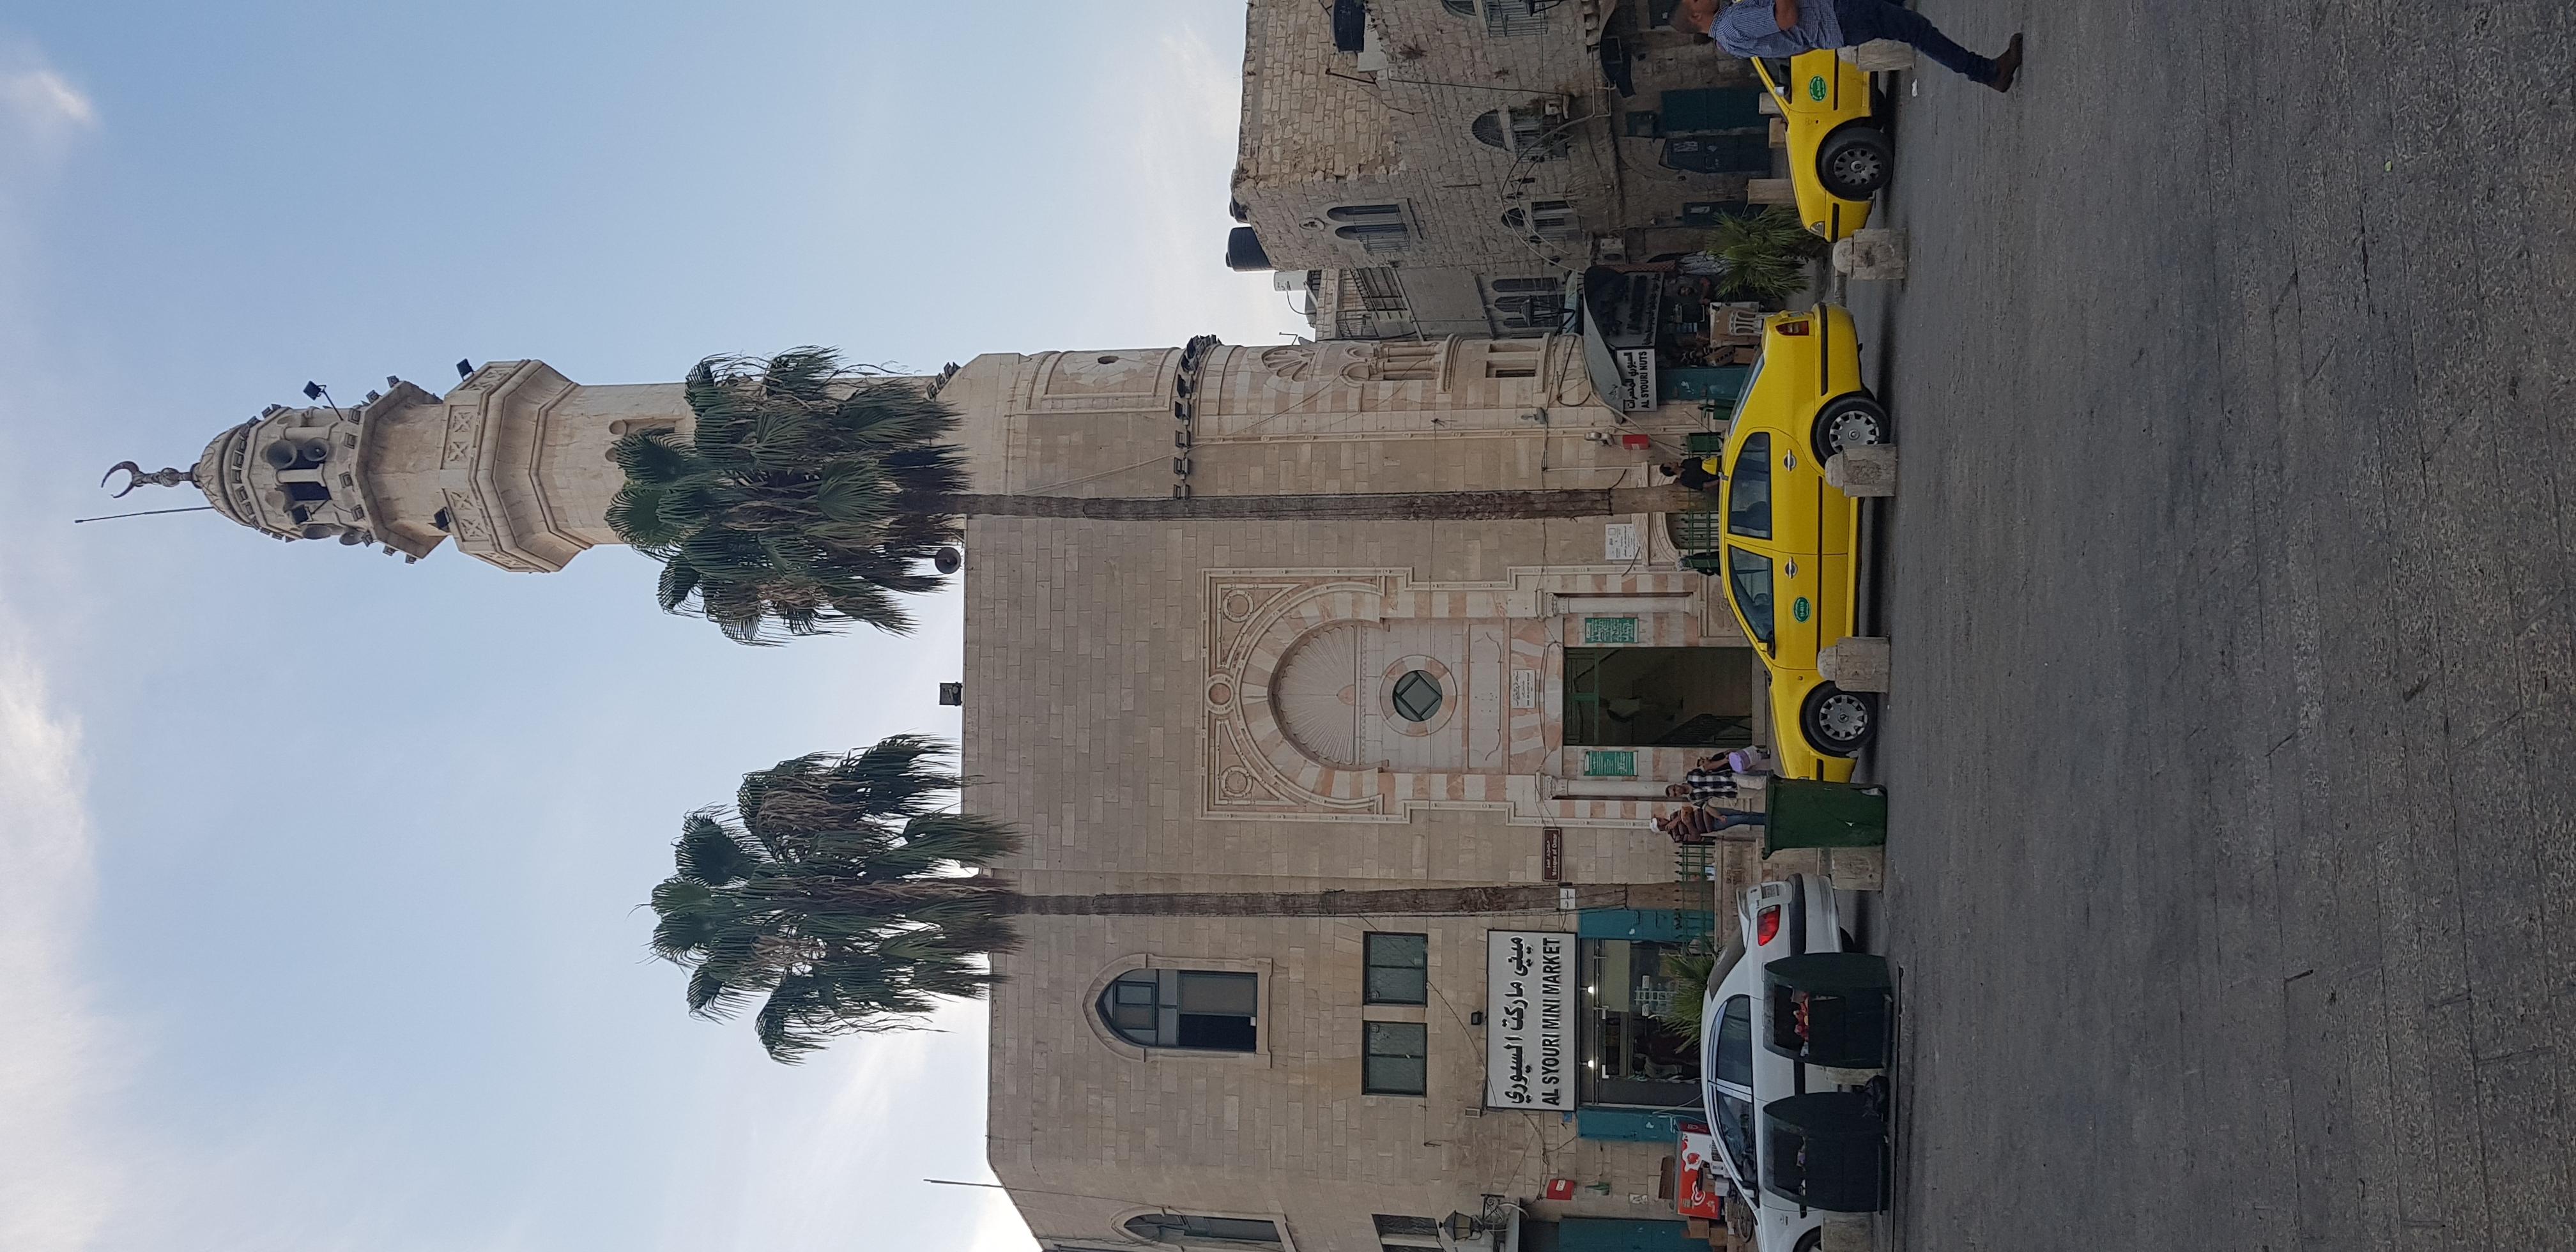 File:Bethlehem-Manger-Square.jpg